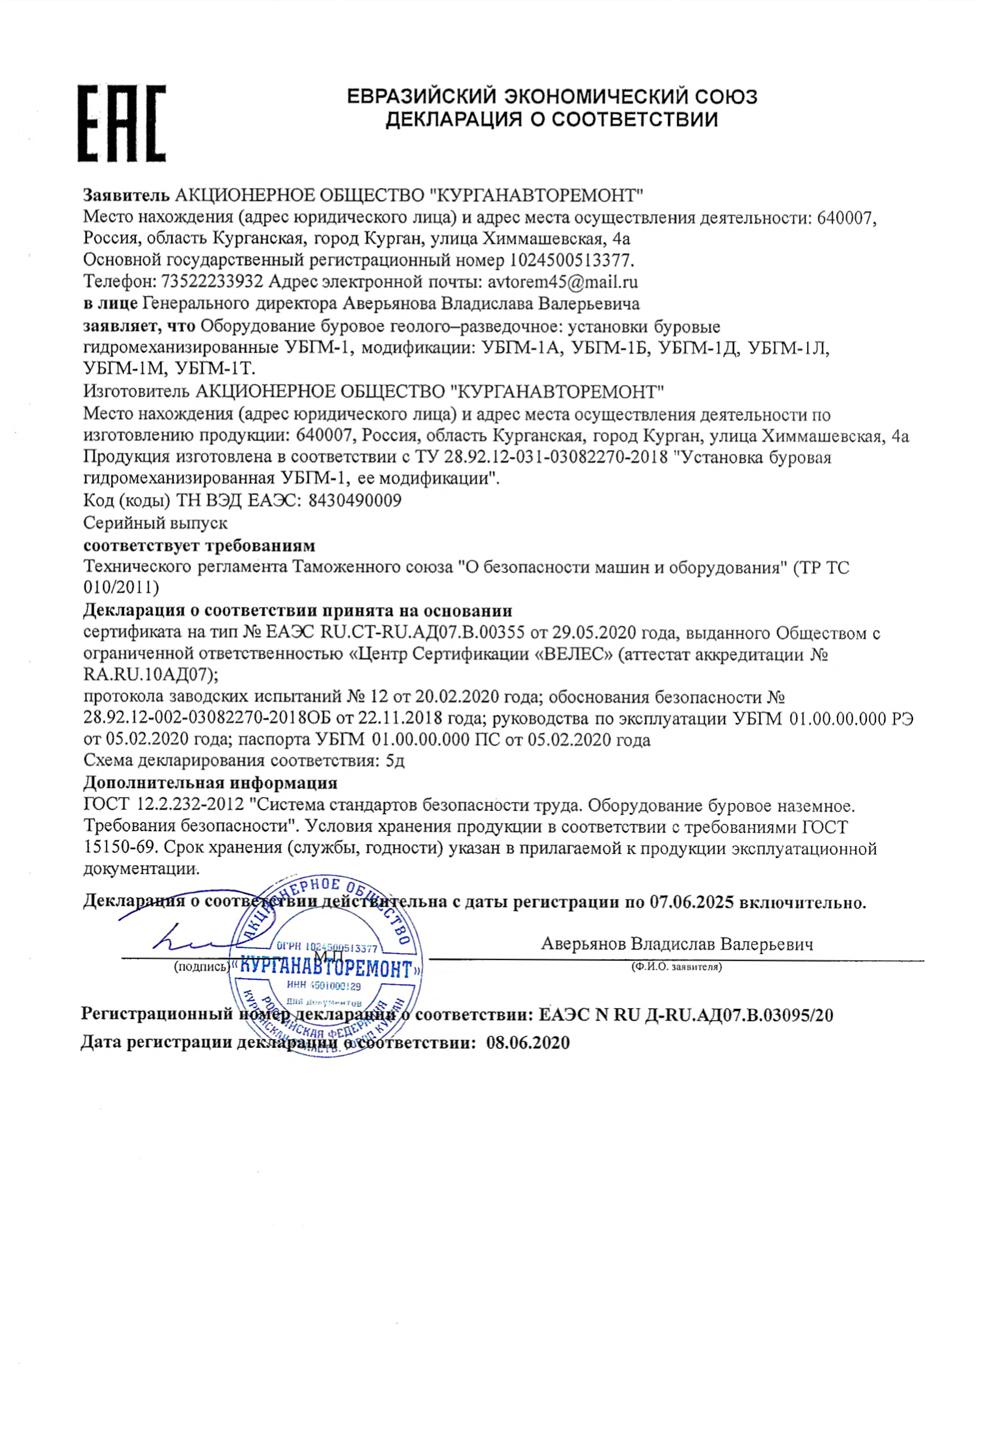 Сертификат УБГМ-1А